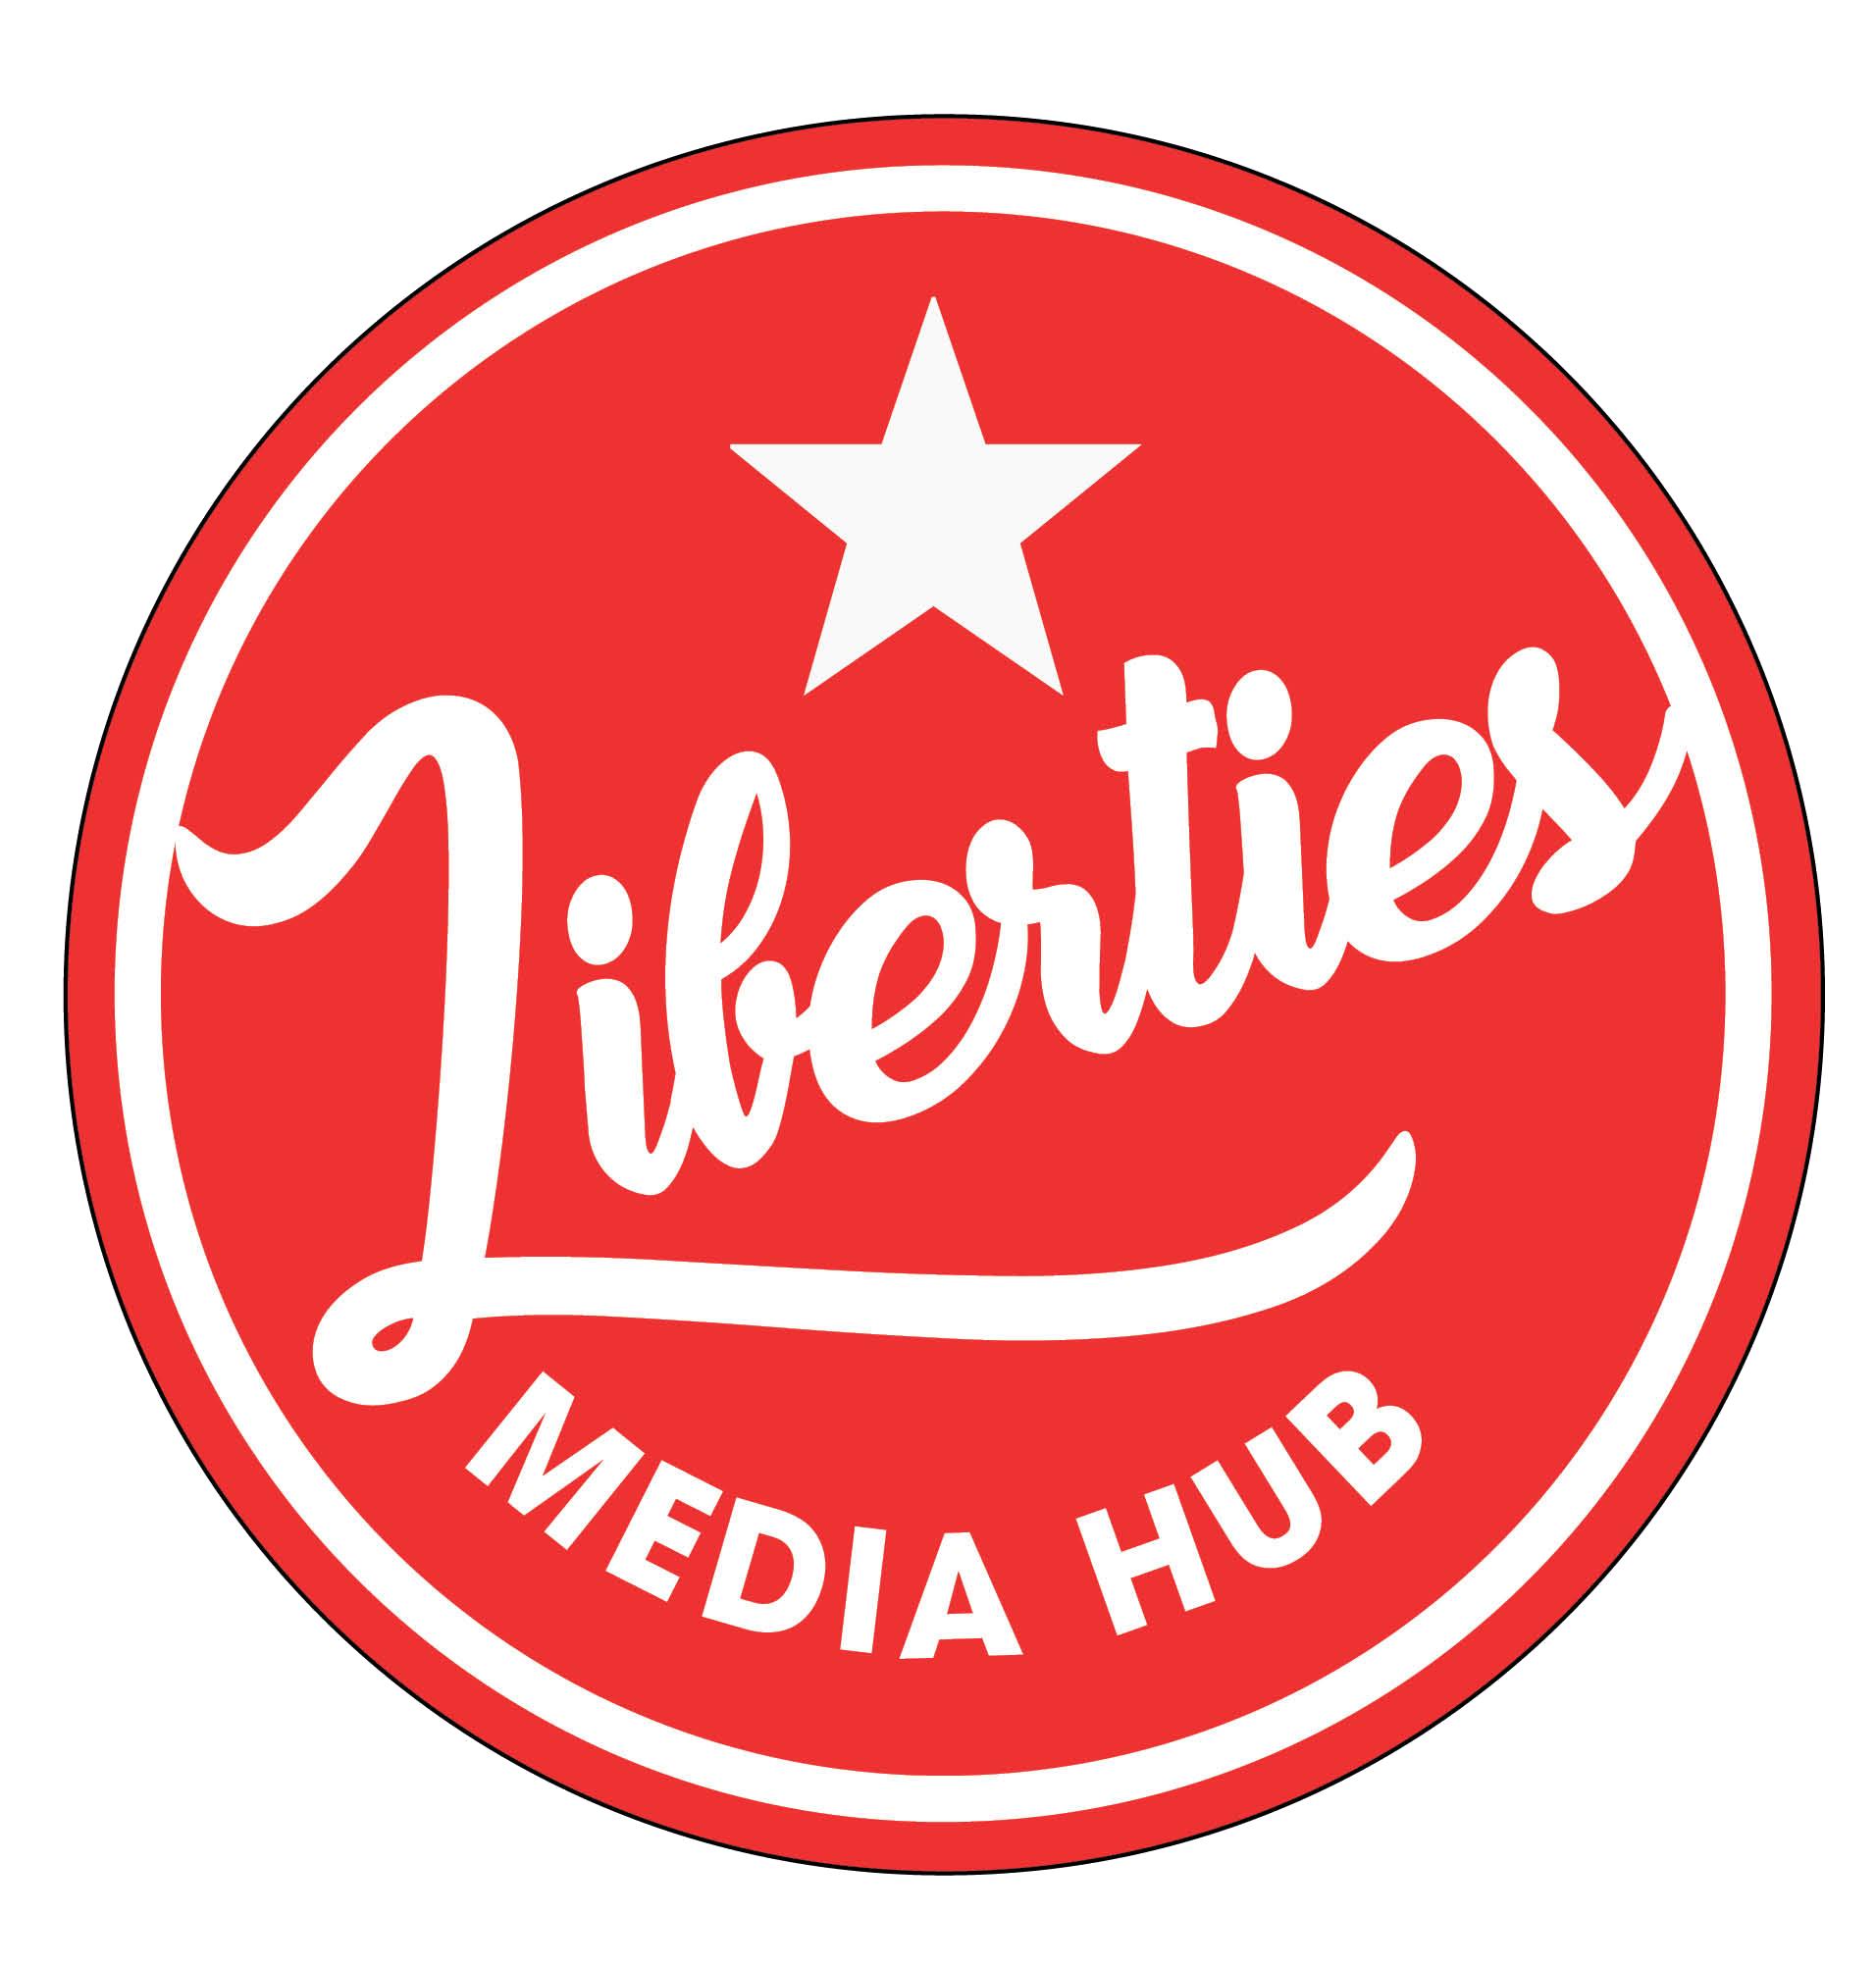 liberties media hub